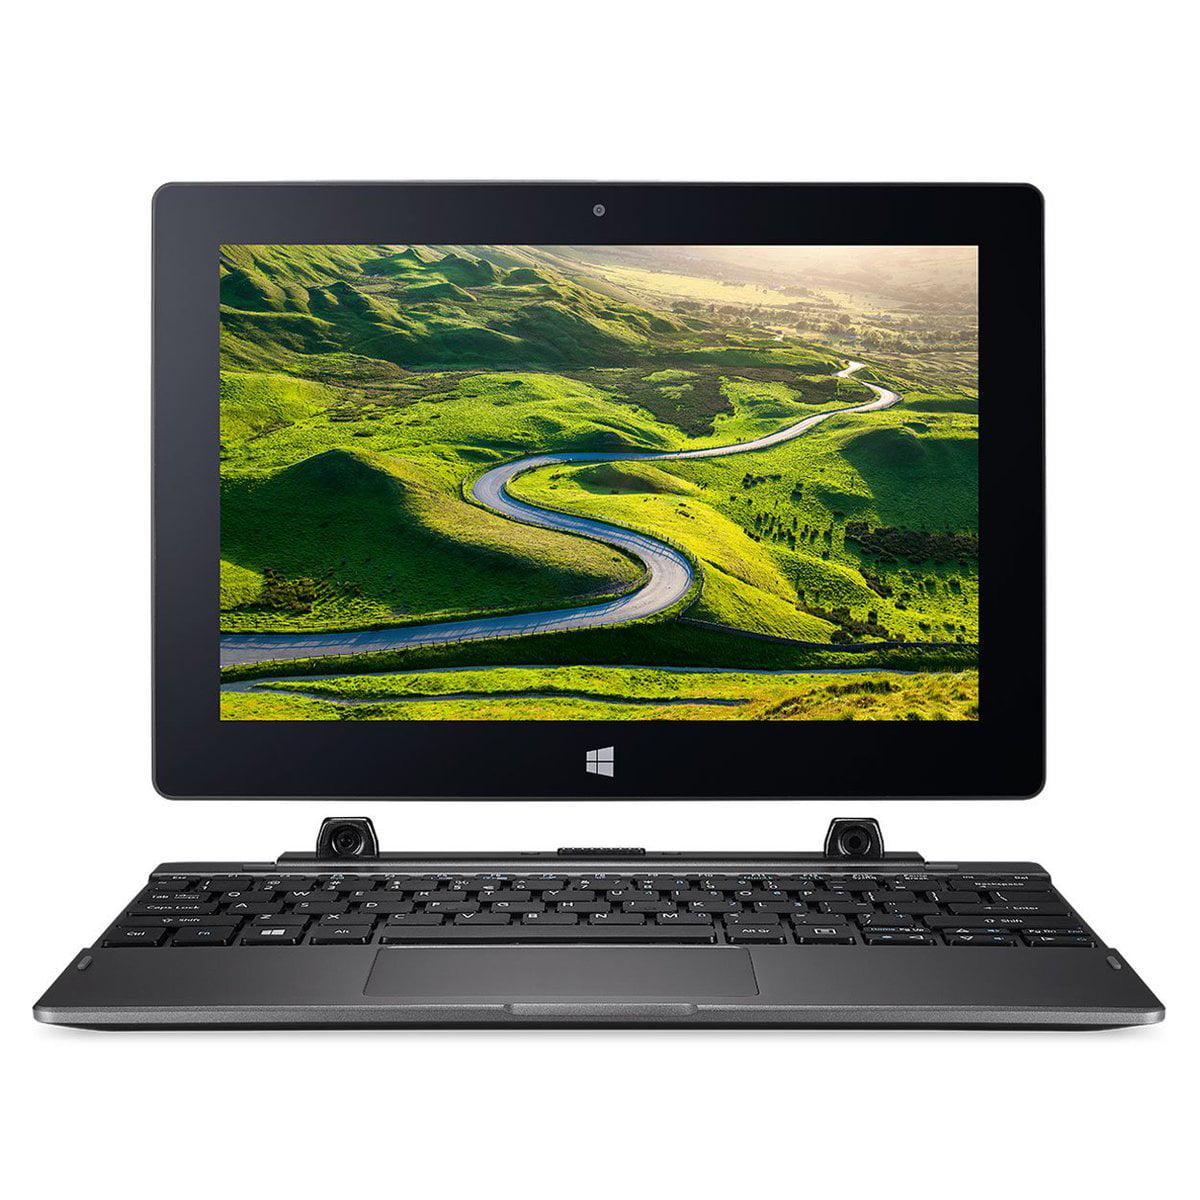 """Acer 10.1"""" Intel Atom 1.44 GHz 2 GB Ram 32 GB Flash Windo..."""